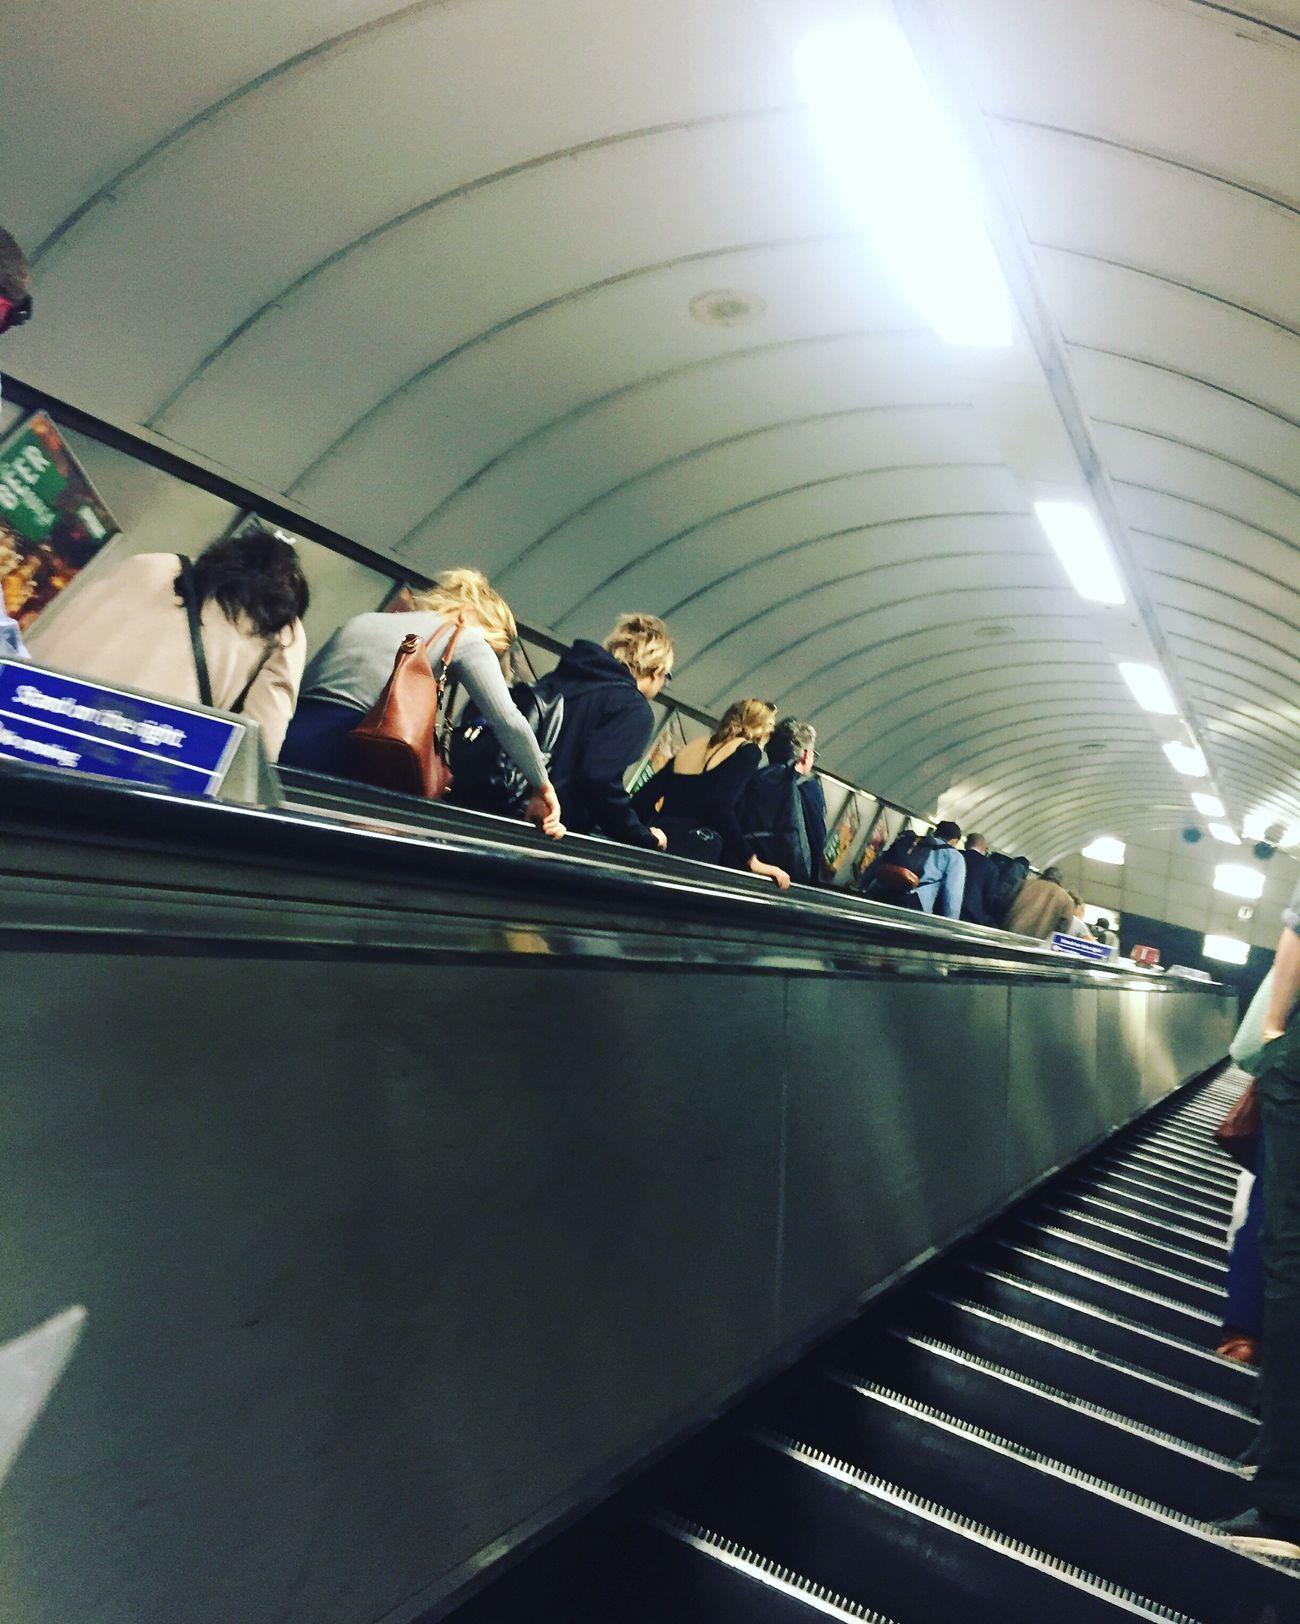 London Tube Underground Travel Escelator